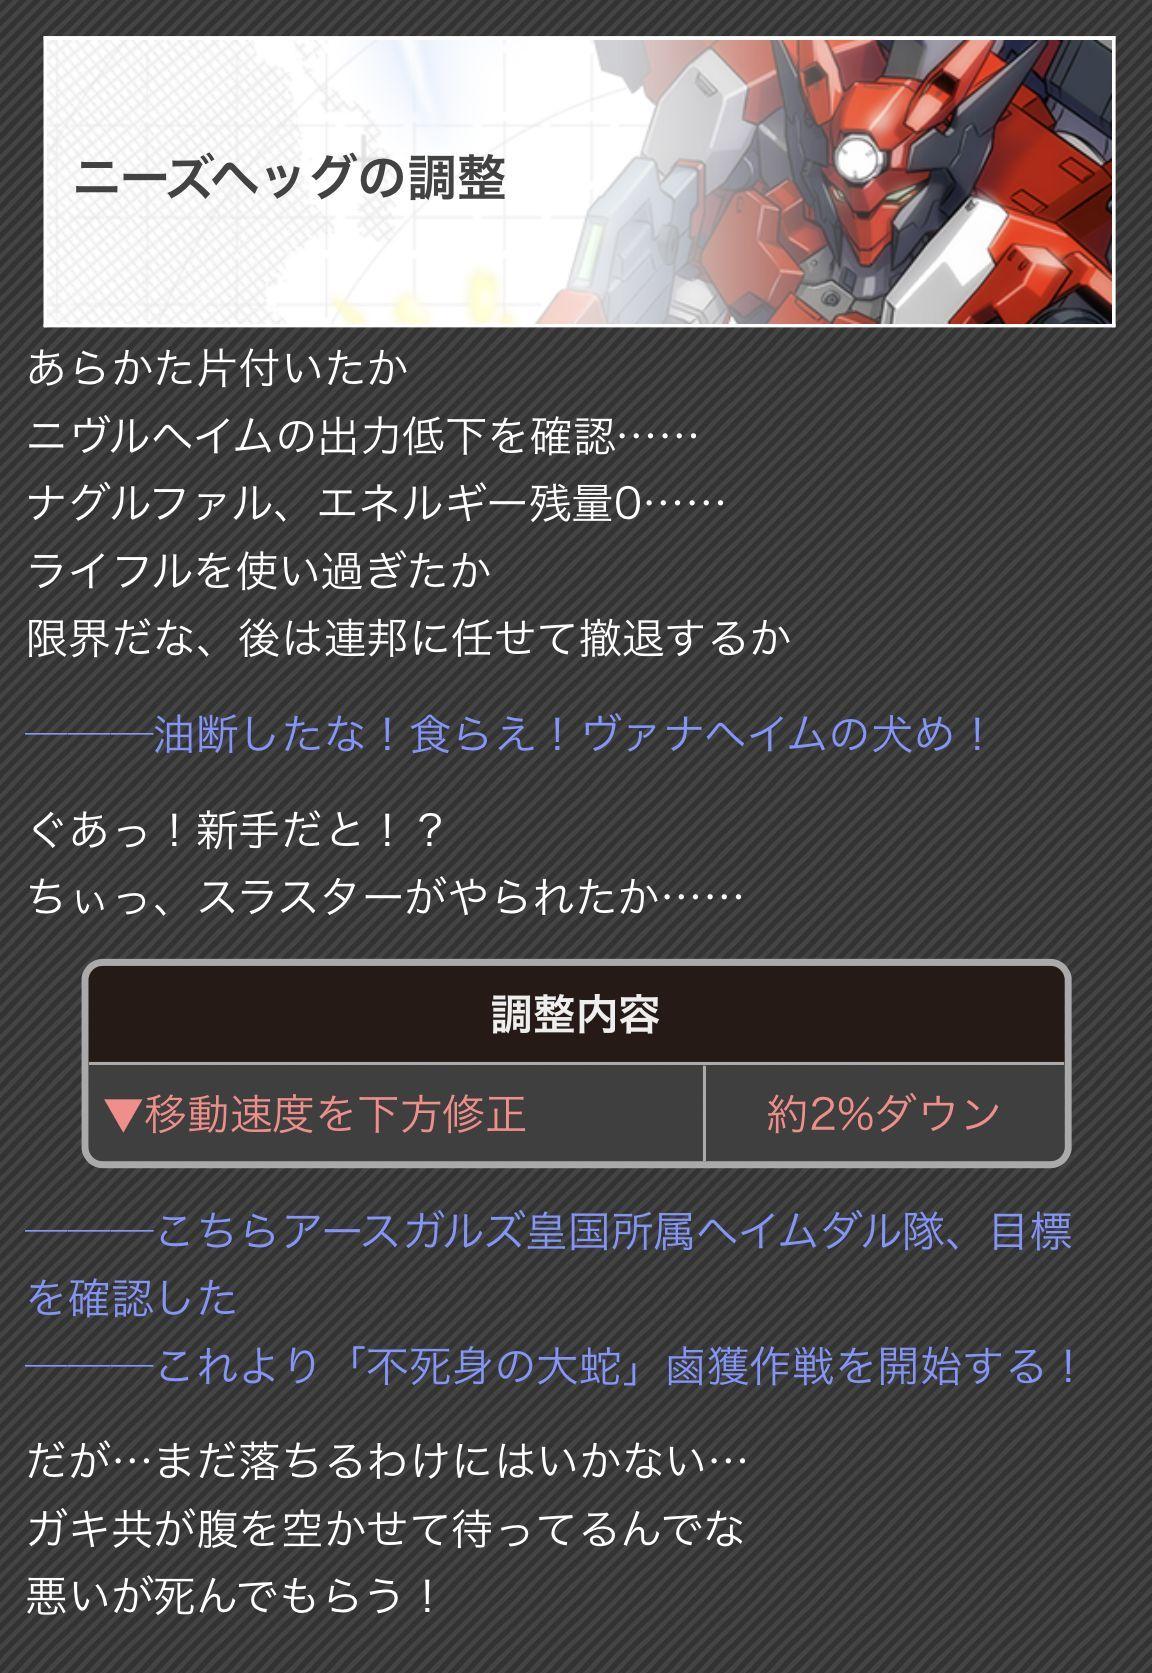 #コンパス【環境】: 1月シーズンを振り返り!ニーズヘッグ&敦&芥川が初参戦!!